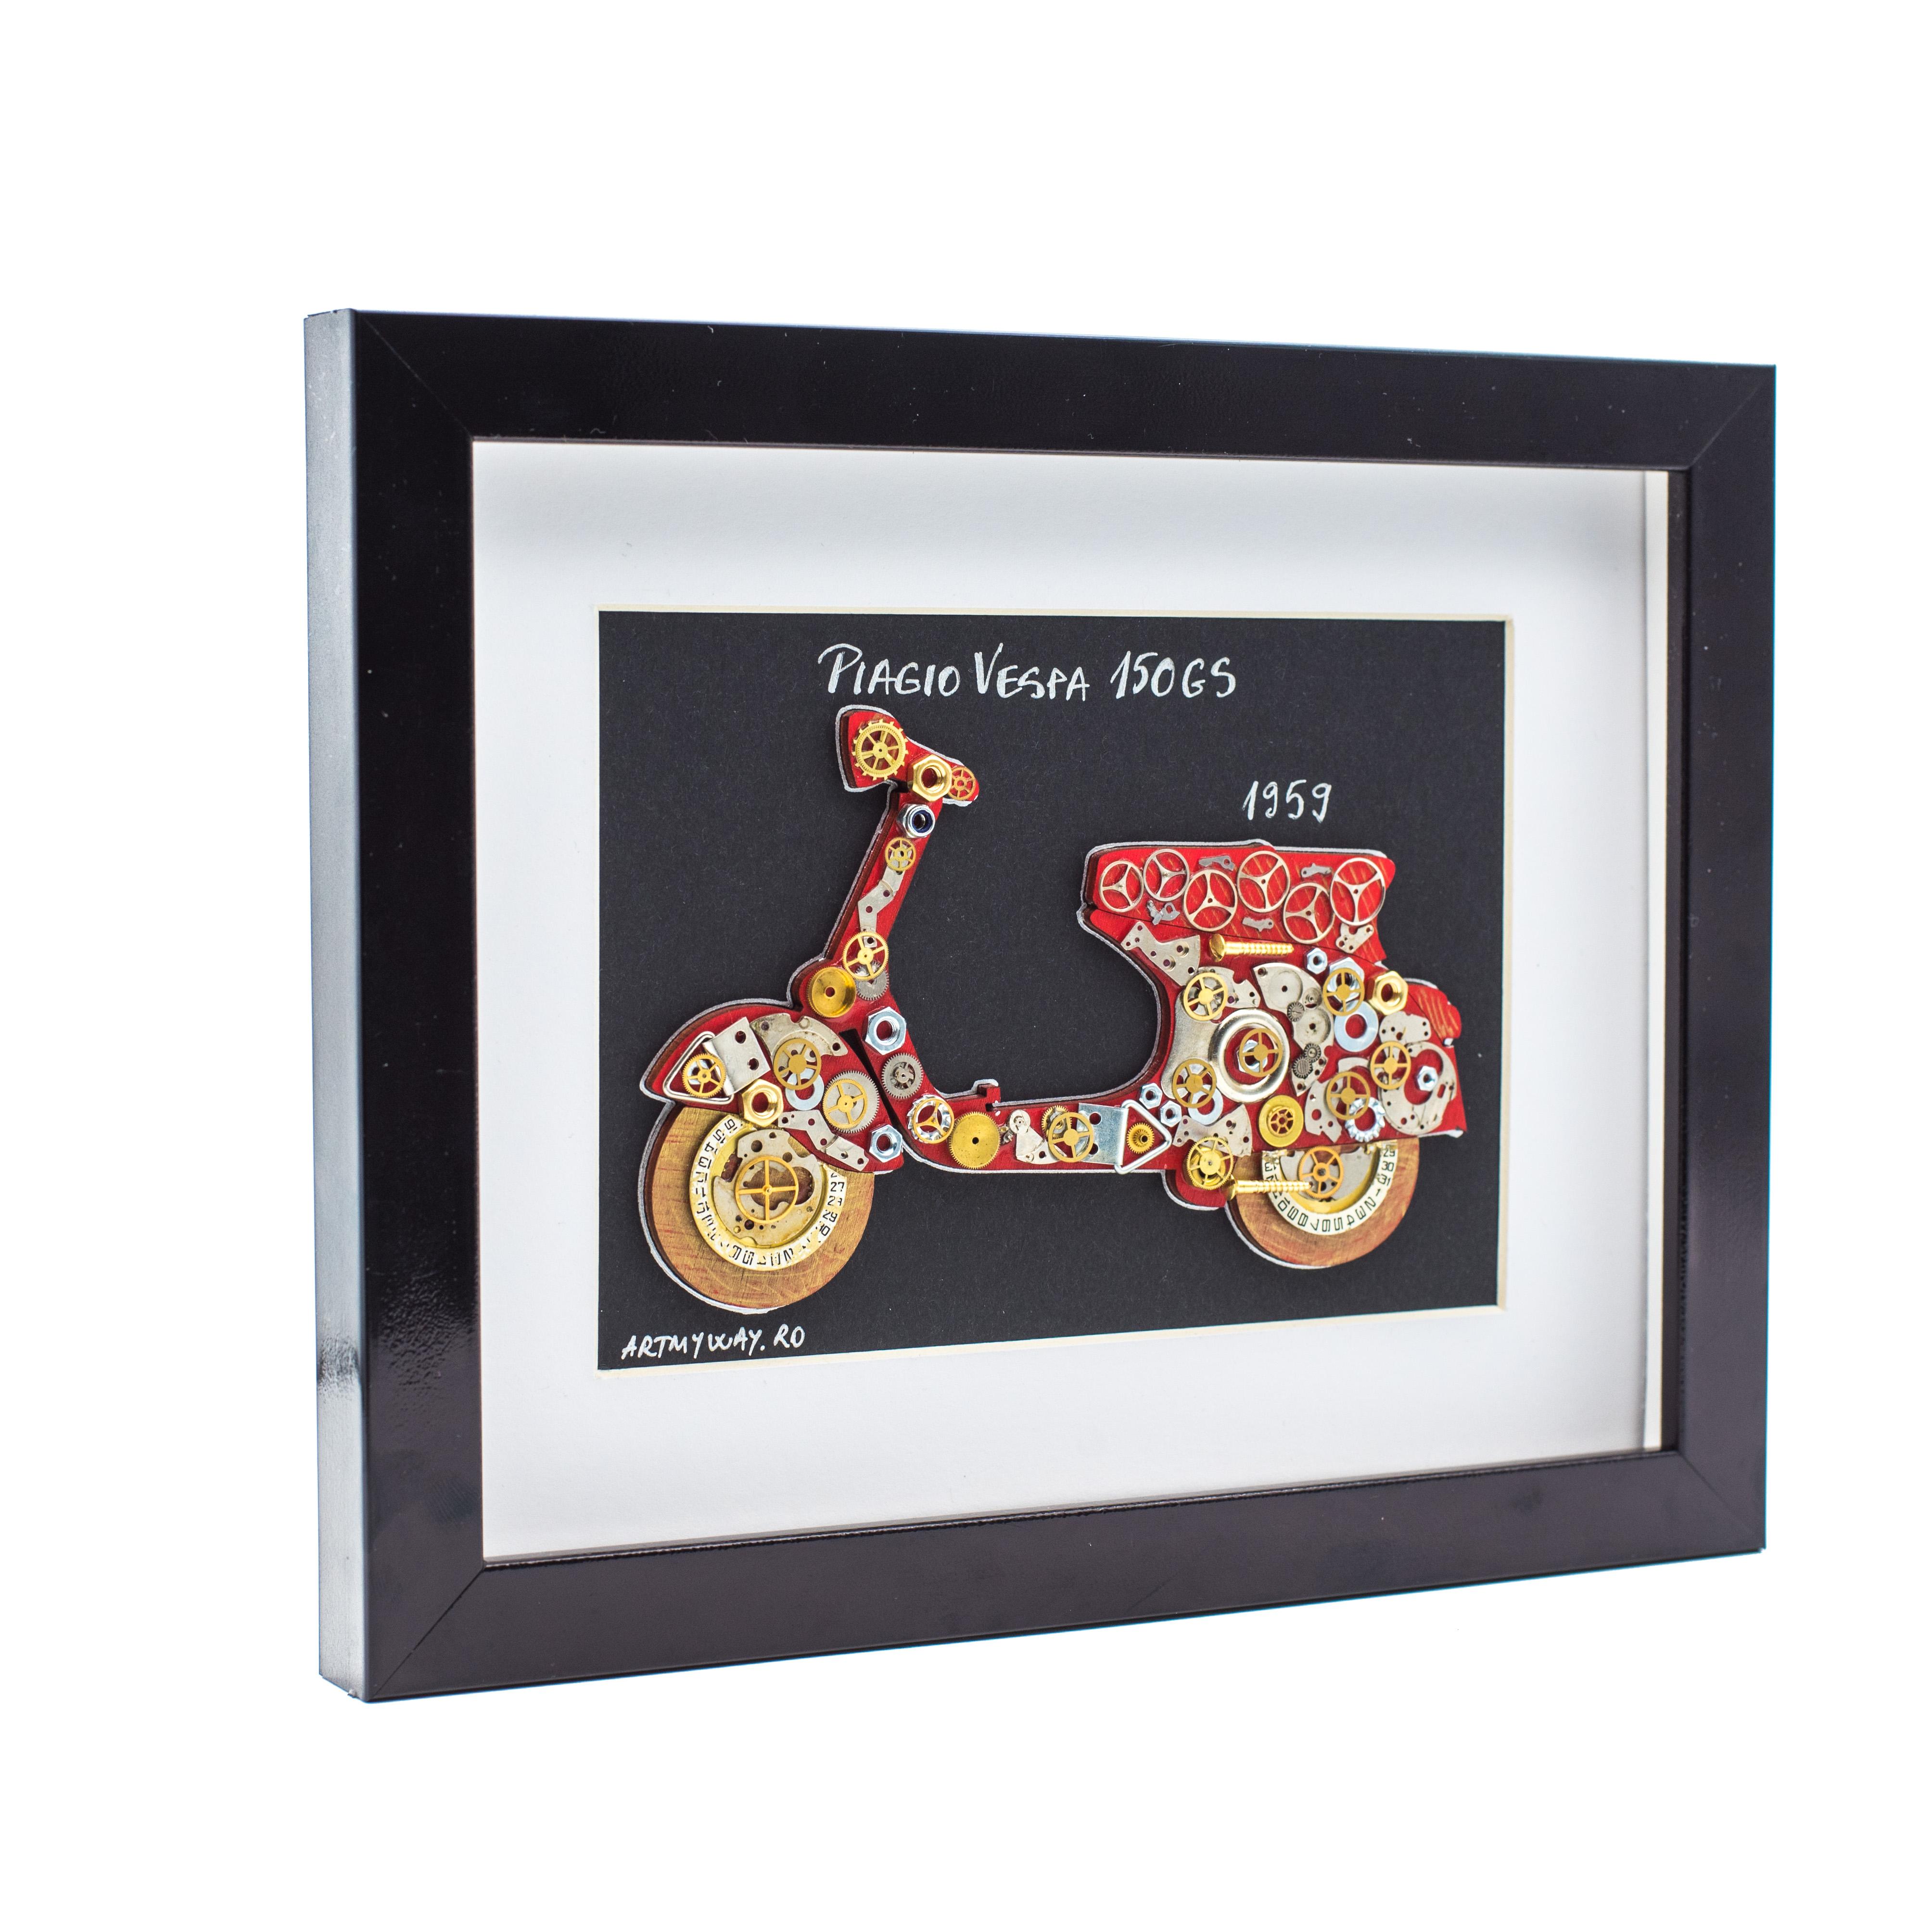 Tablou Piagio VESPA 150GS - Colectia Born to Ride 2